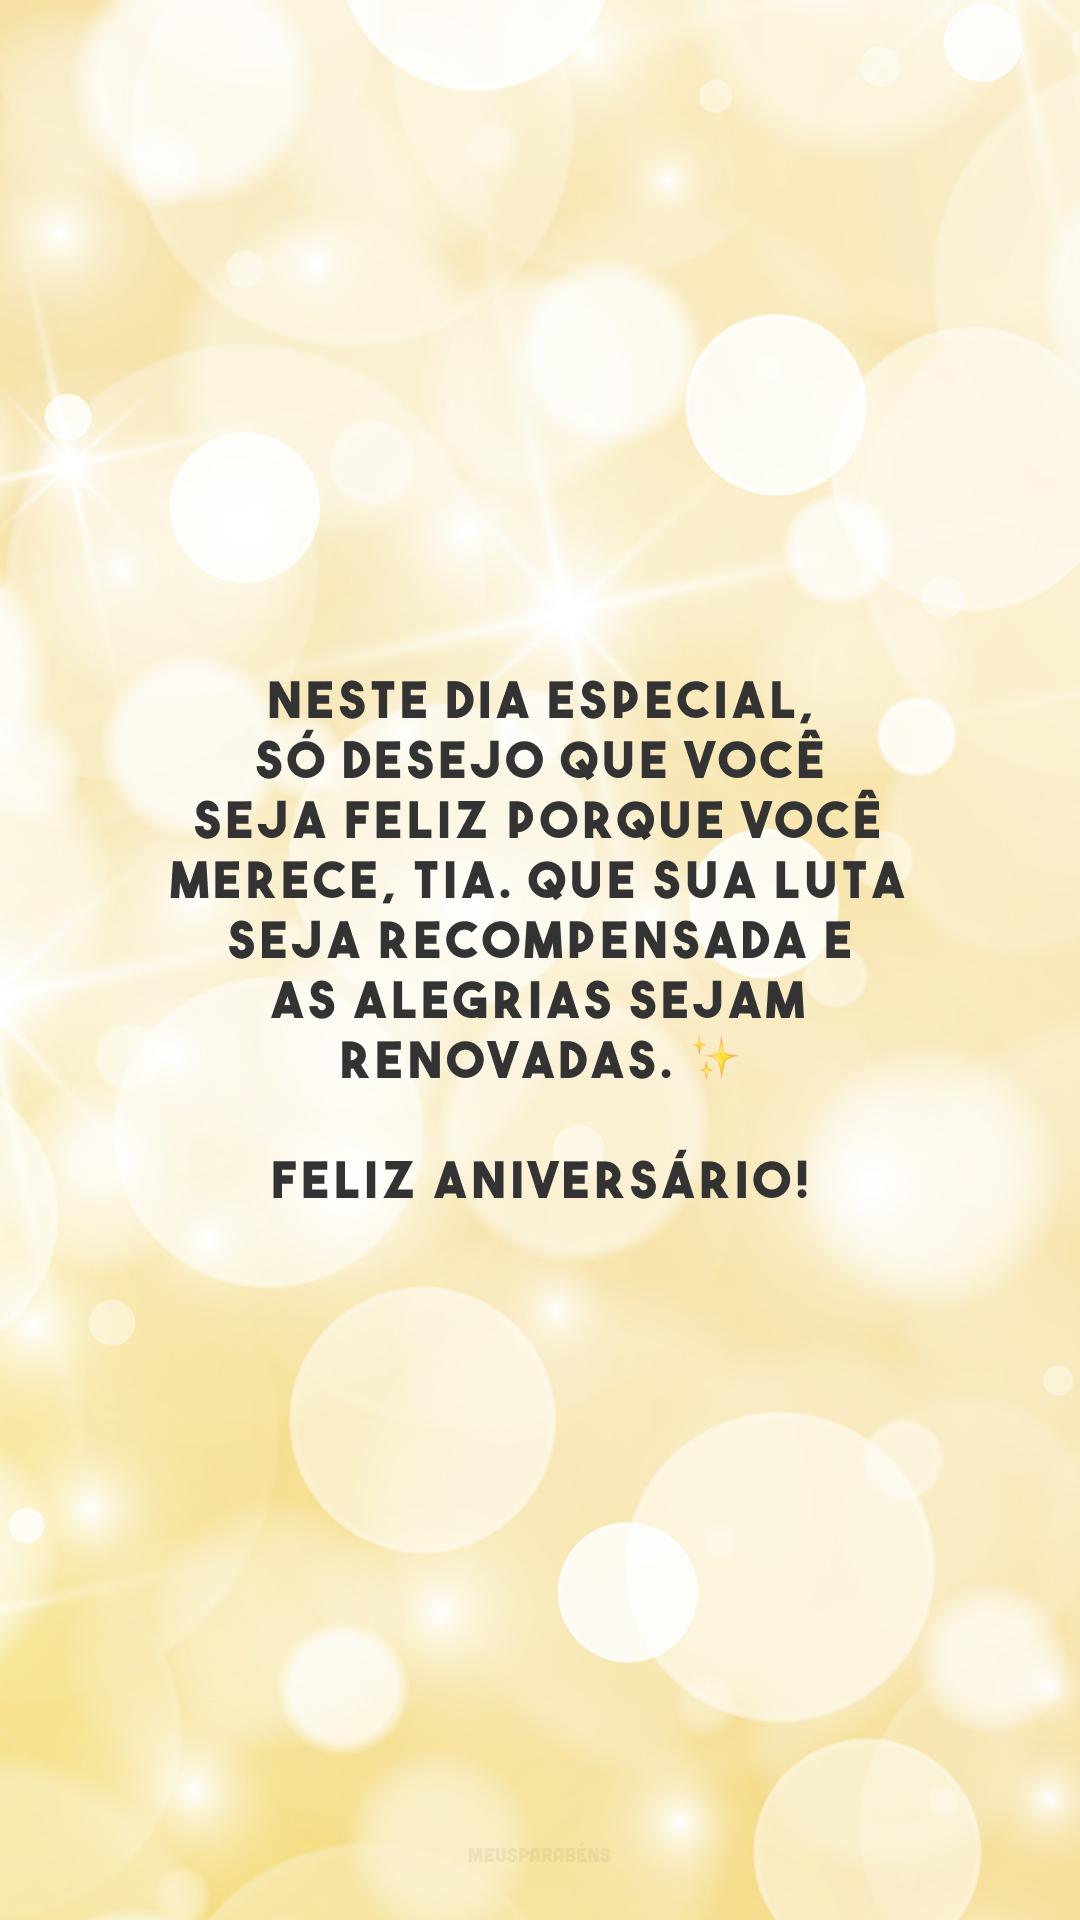 Neste dia especial, só desejo que você seja feliz porque você merece, tia. Que sua luta seja recompensada e as alegrias sejam renovadas. ✨ Feliz aniversário!